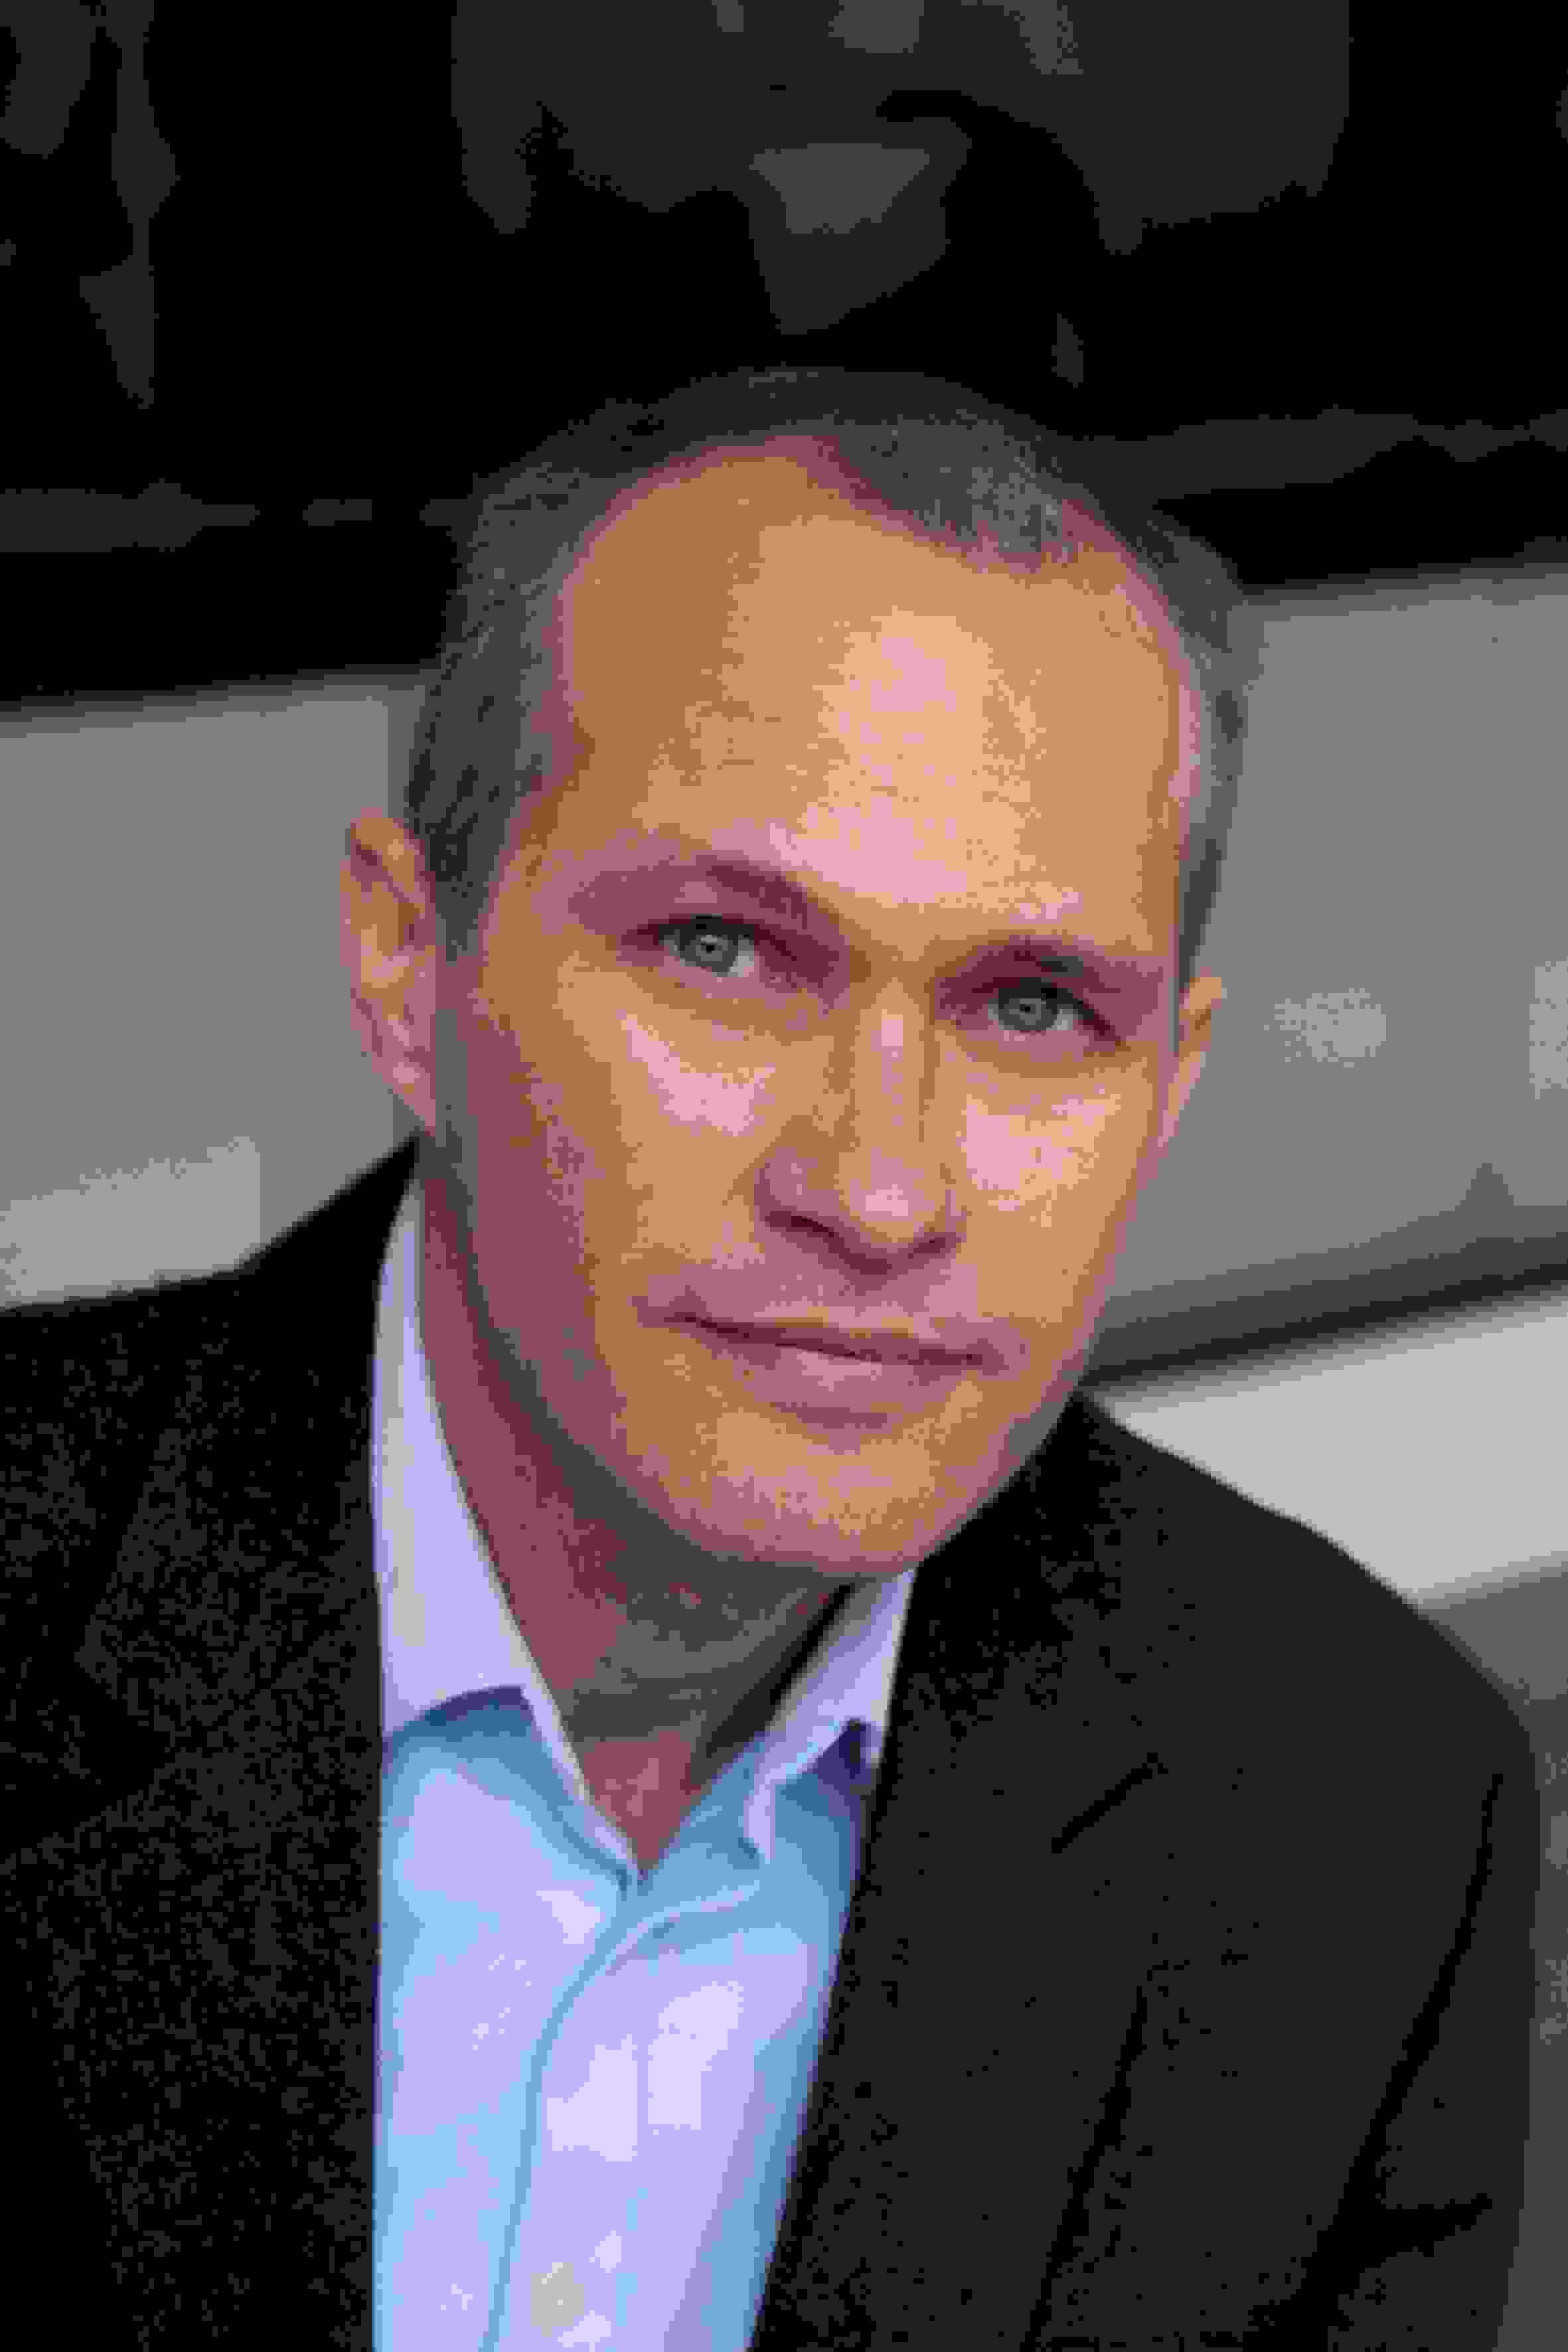 David Vann: Halibut on the Moon